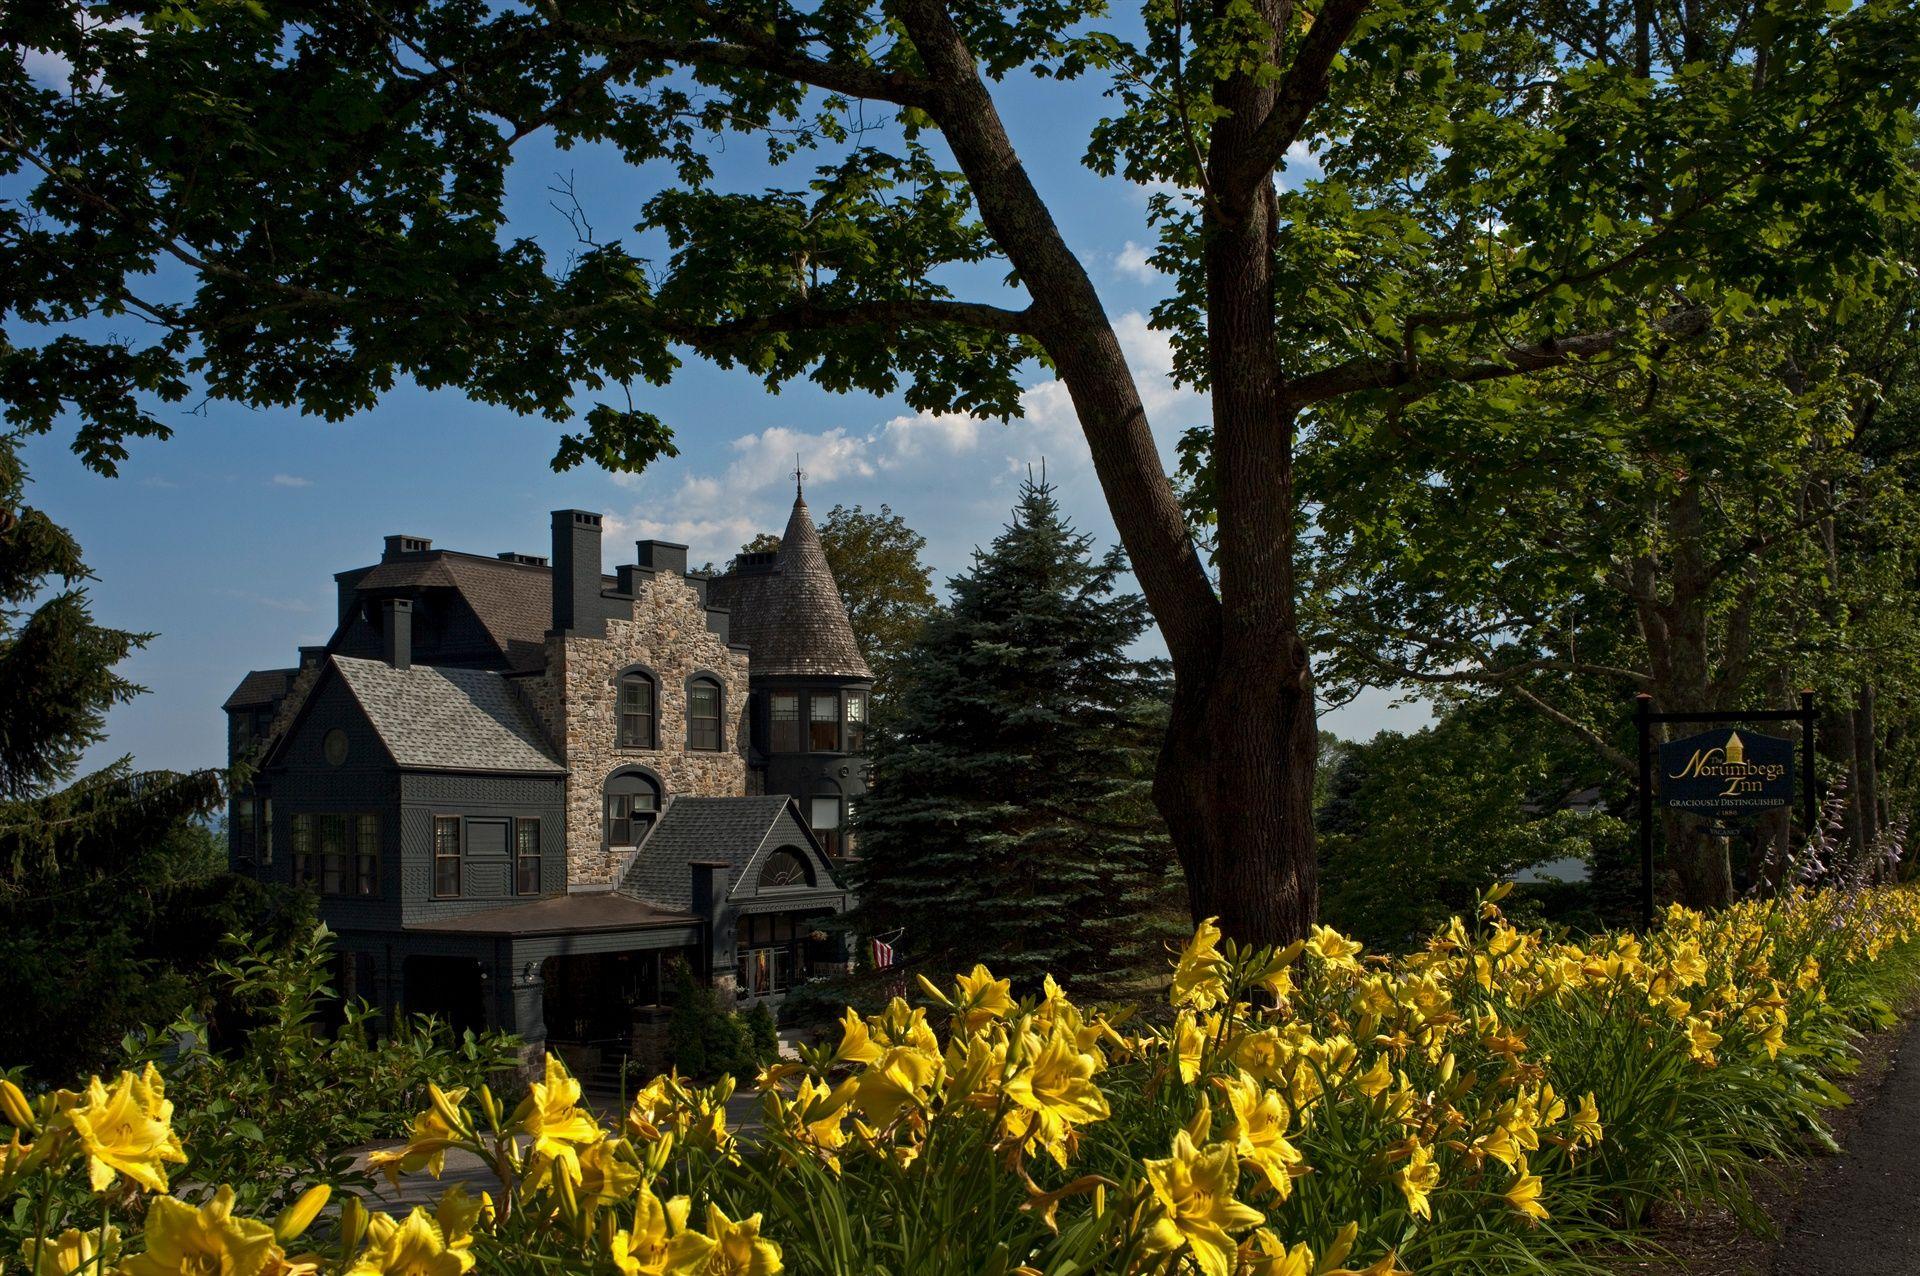 Maine inns - Norumbega